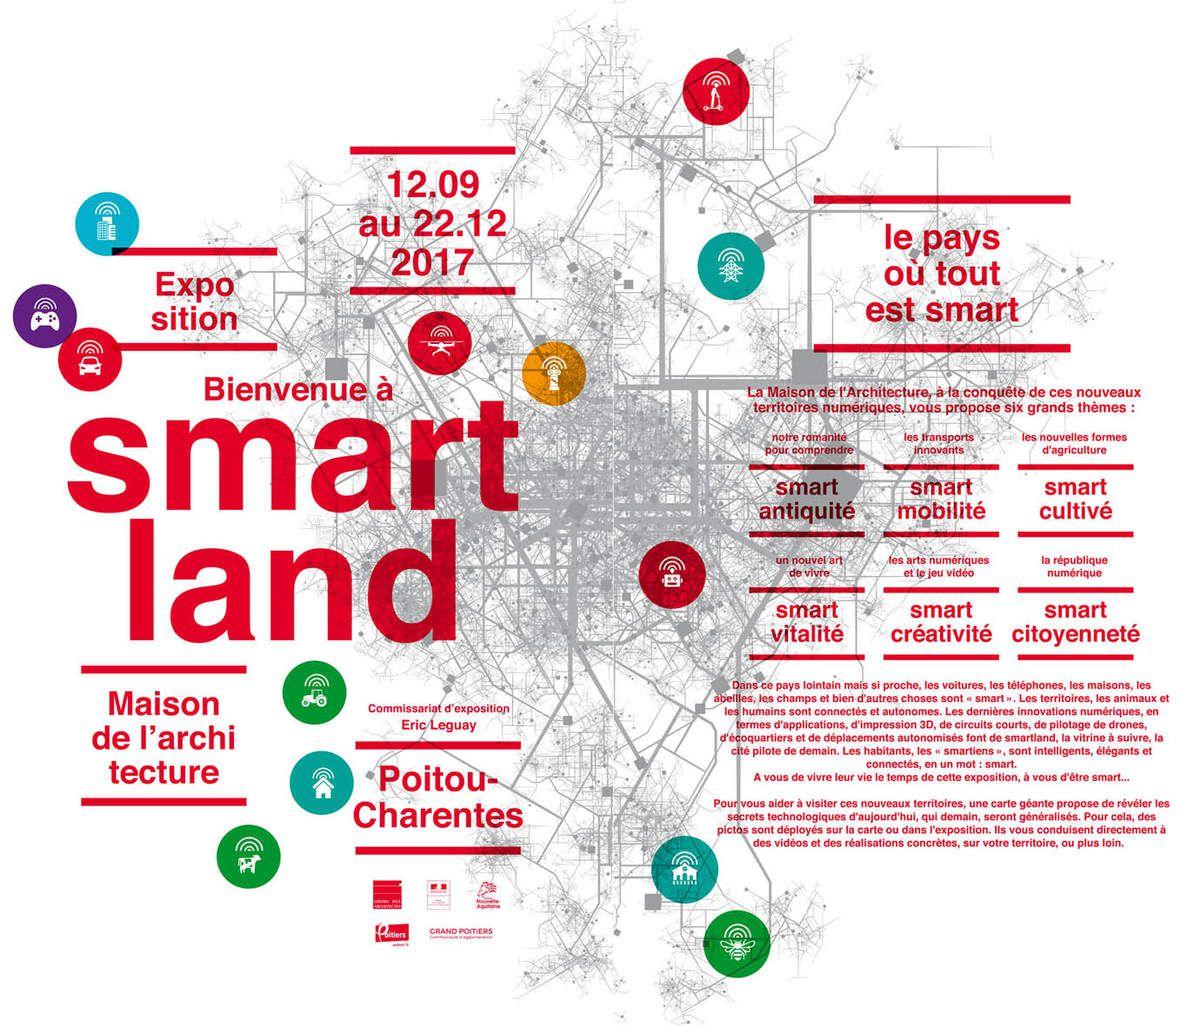 smartland, le pays où tout est smart...